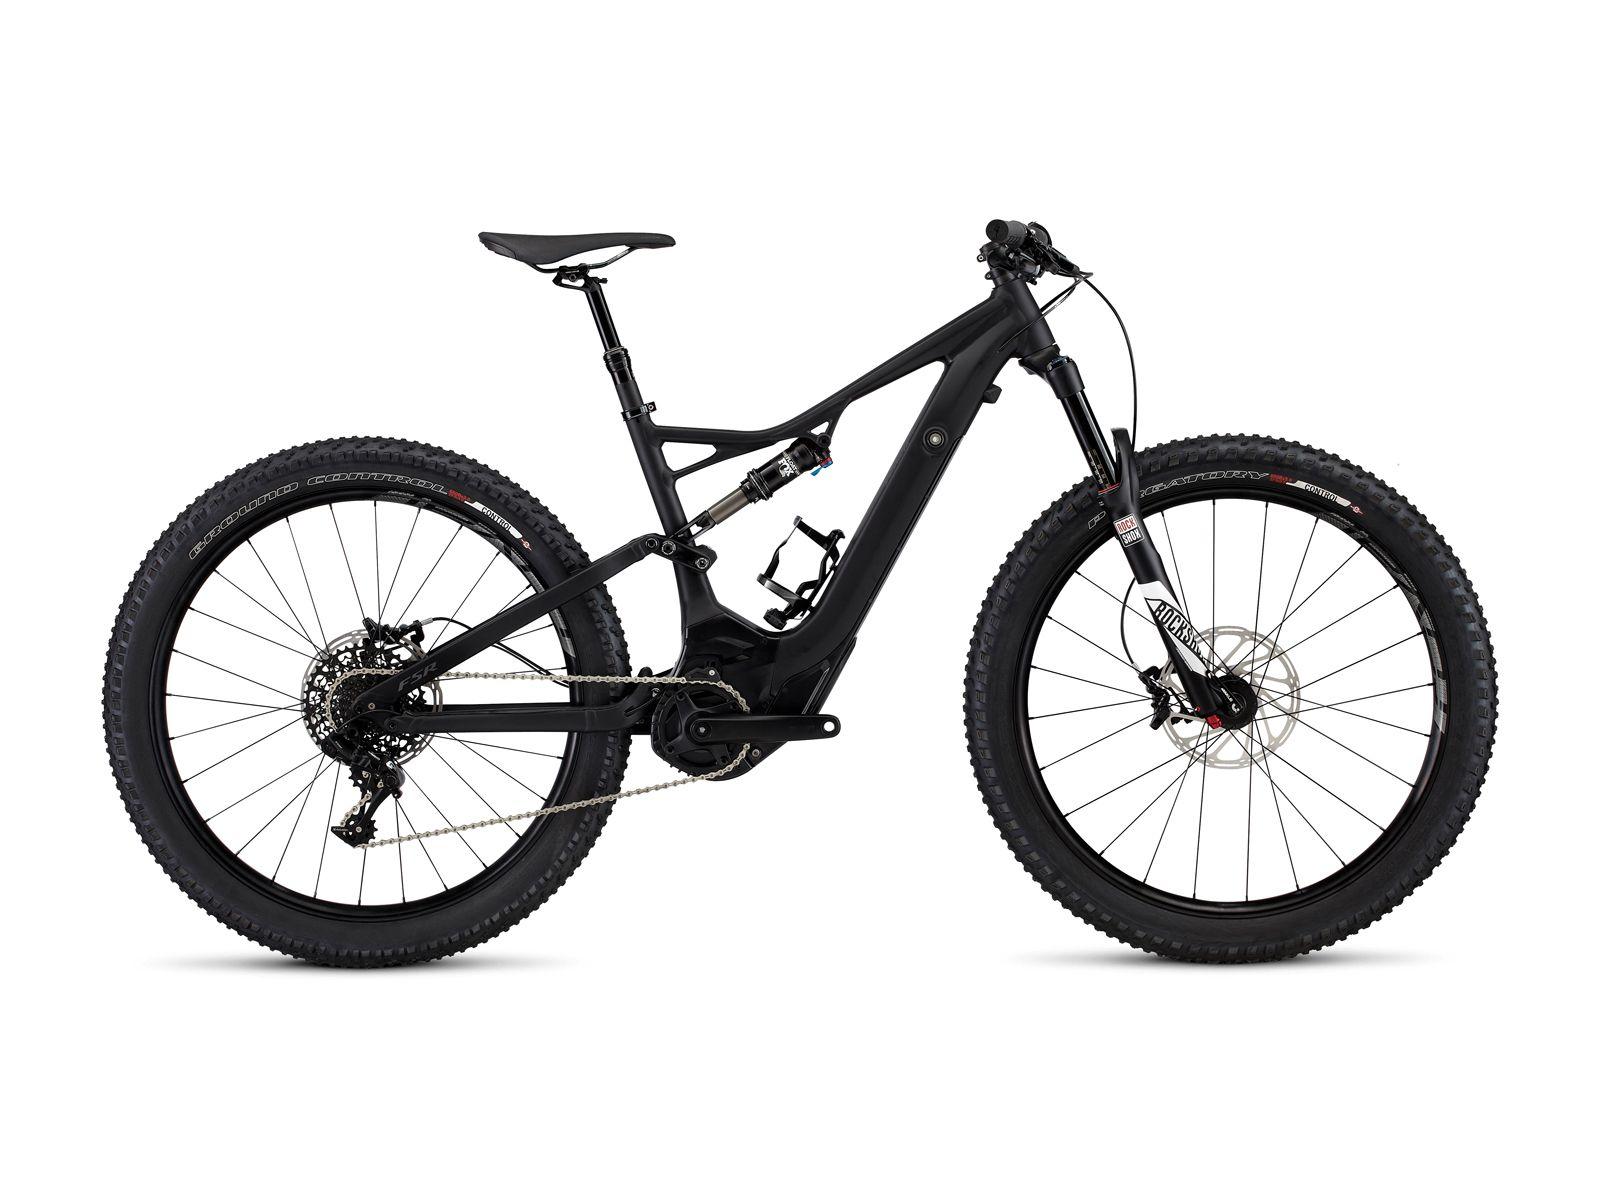 Specialized Turbo Levo Fsr Comp 6fattie 2017 Black E Bike Specialized Turbo Levo Electric Mountain Bike Mountain Biking Specialized Bikes